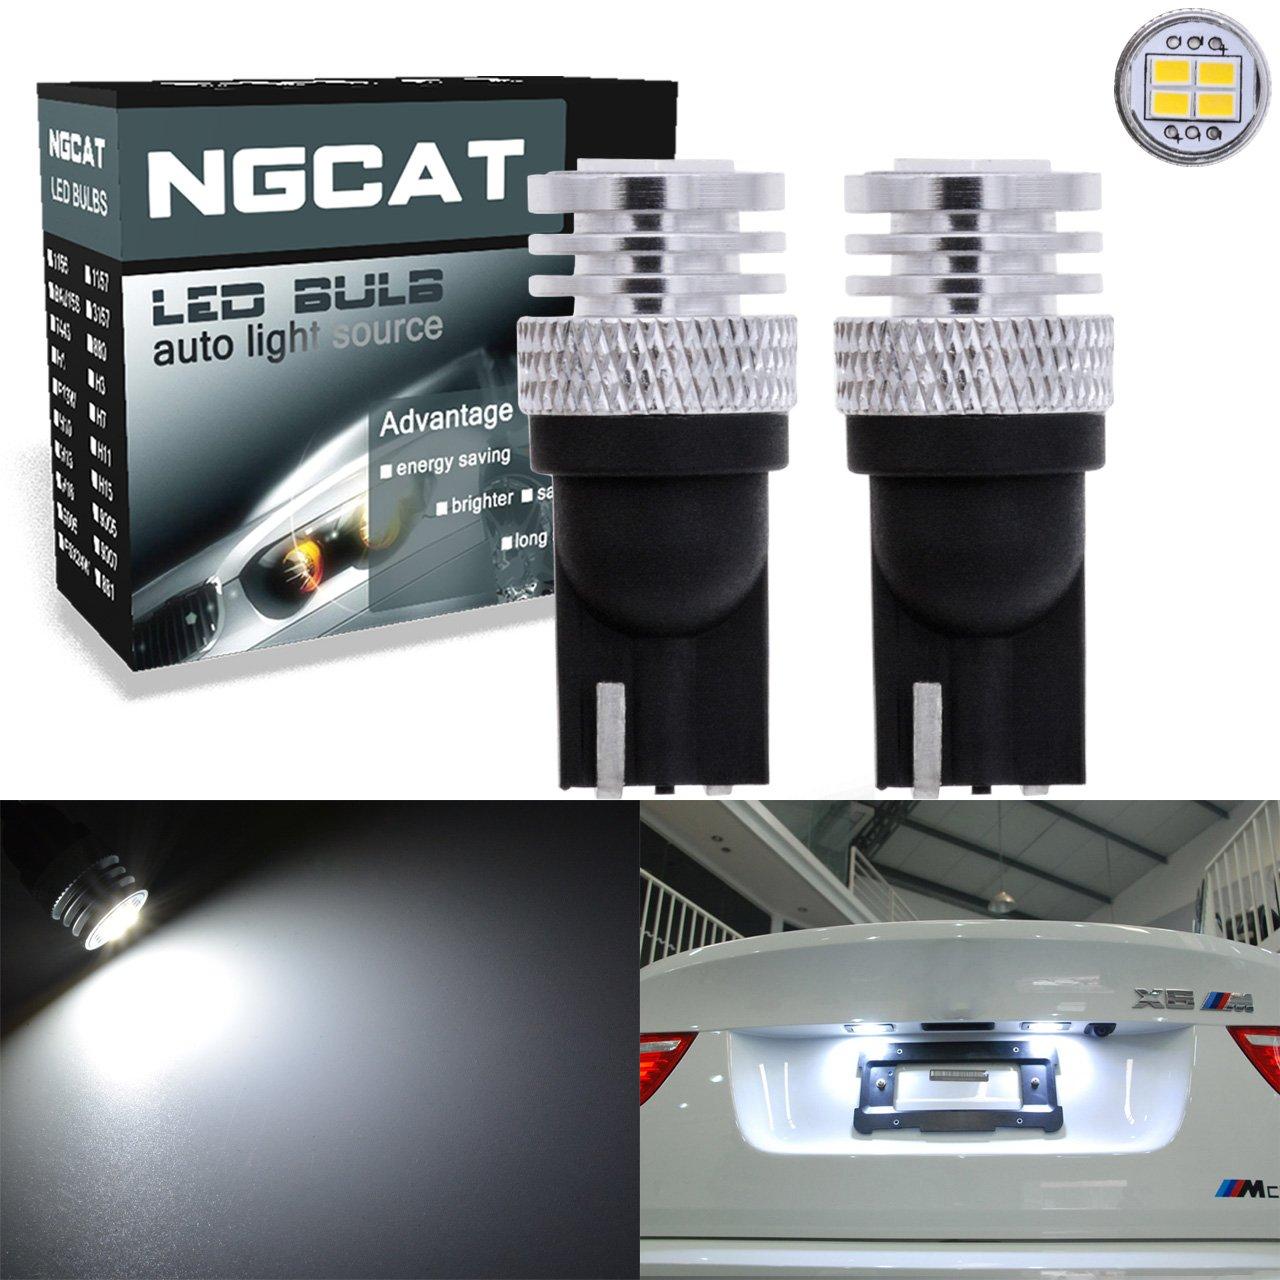 Ngcat 1800 lumen 4 SMD 3020 CREE T10 168 2825 lampadine LED utilizzato per automobile interior cuneo cupola luci di lettura luce esterna laterale lampadine luci targa, DC 10 –  16 V Xenon bianco (